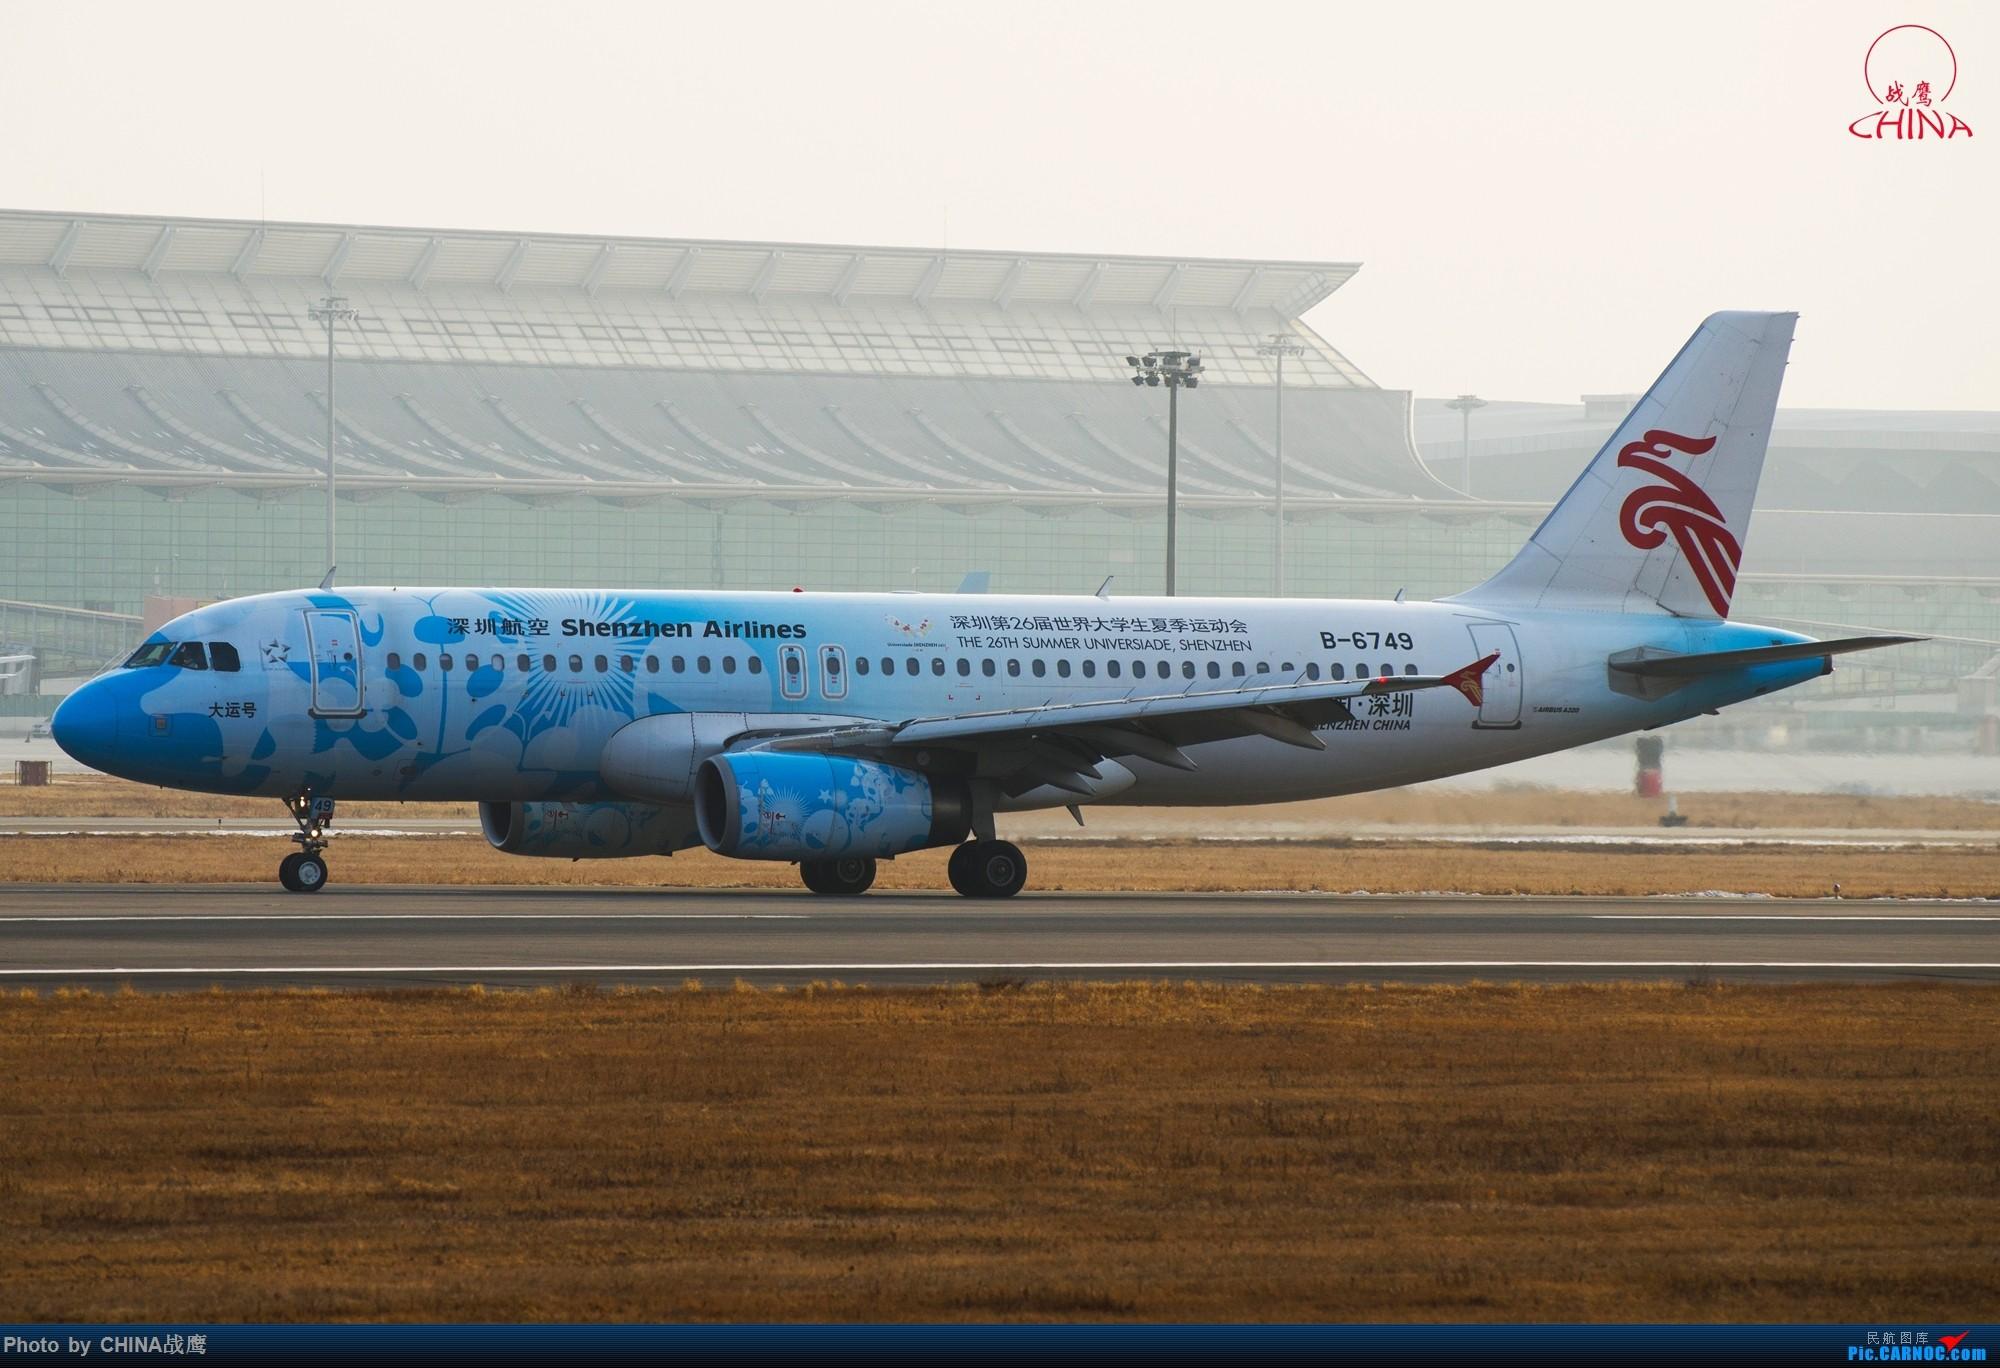 Re:[原创]拍飞机的乐趣 AIRBUS A320-200 B-6749 中国沈阳桃仙国际机场